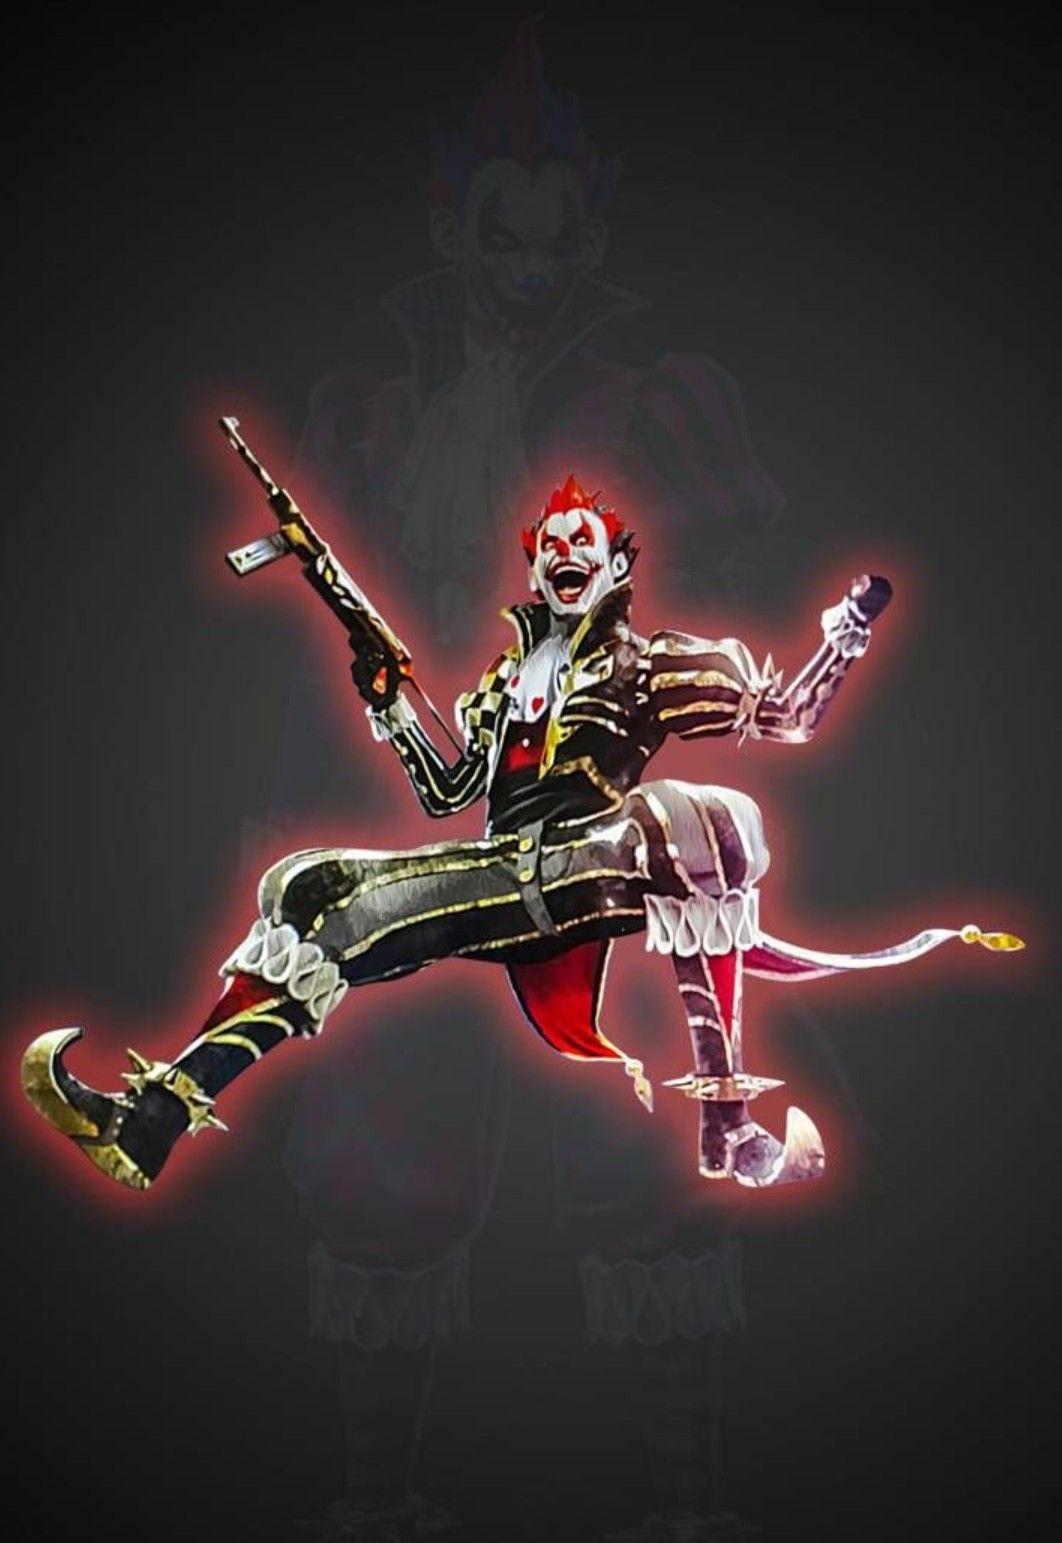 Garena Free Fire The Joker Gambar Ghost Rider Garena free fire wallpaper hd joker